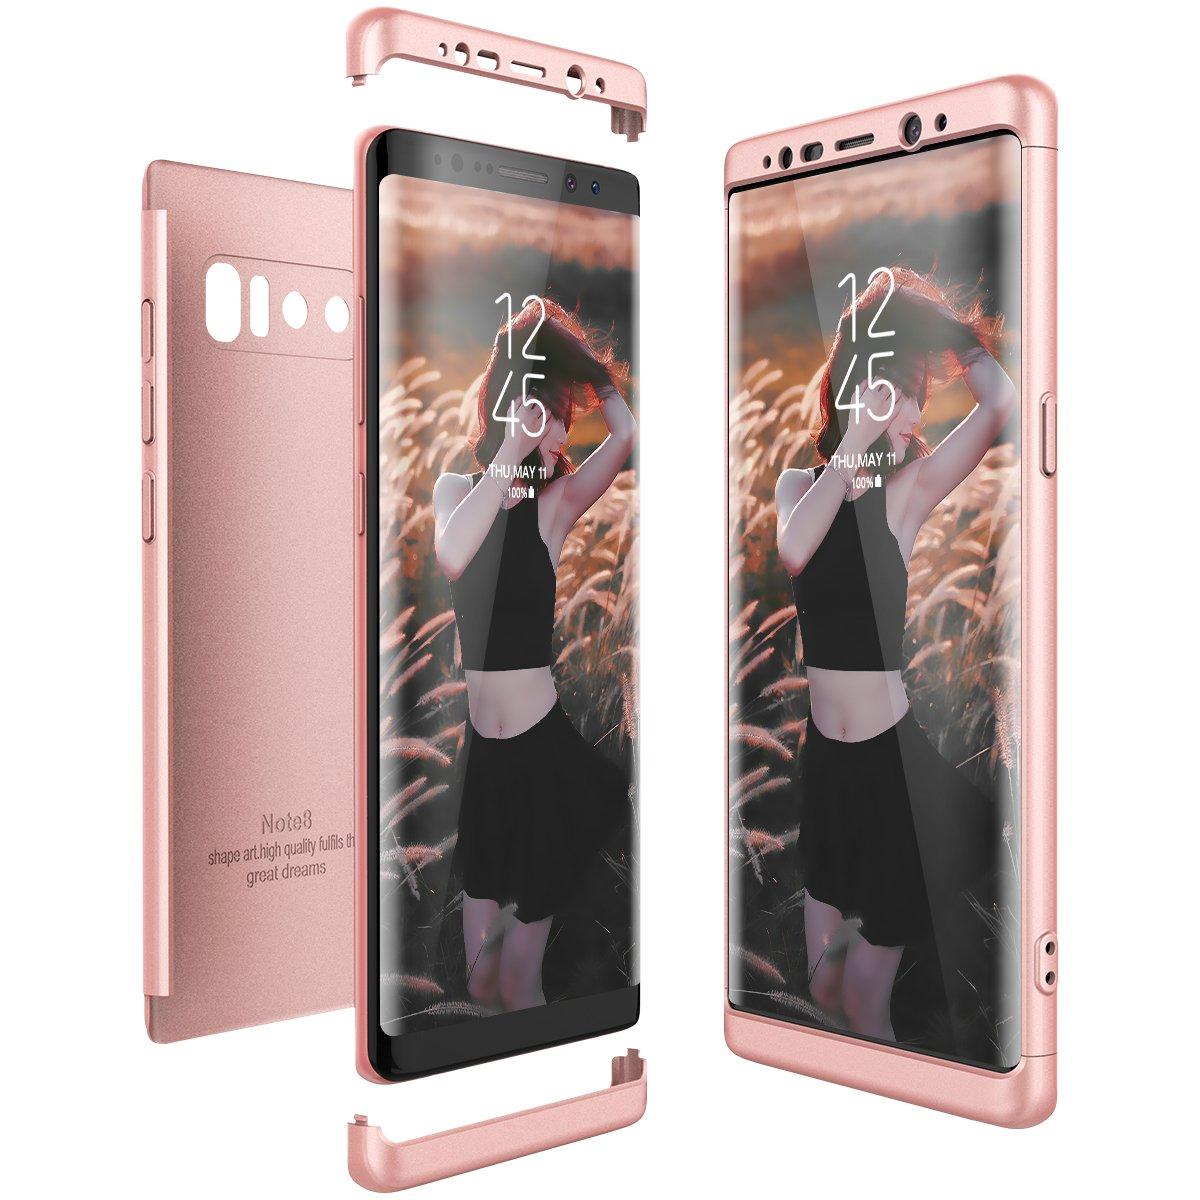 CE-Link Funda Samsung Galaxy Note 8, Carcasa Fundas para Samsung Galaxy Note 8, 3 en 1 Desmontable Ultra-Delgado Anti-Arañazos Case Protectora: Amazon.es: Electrónica